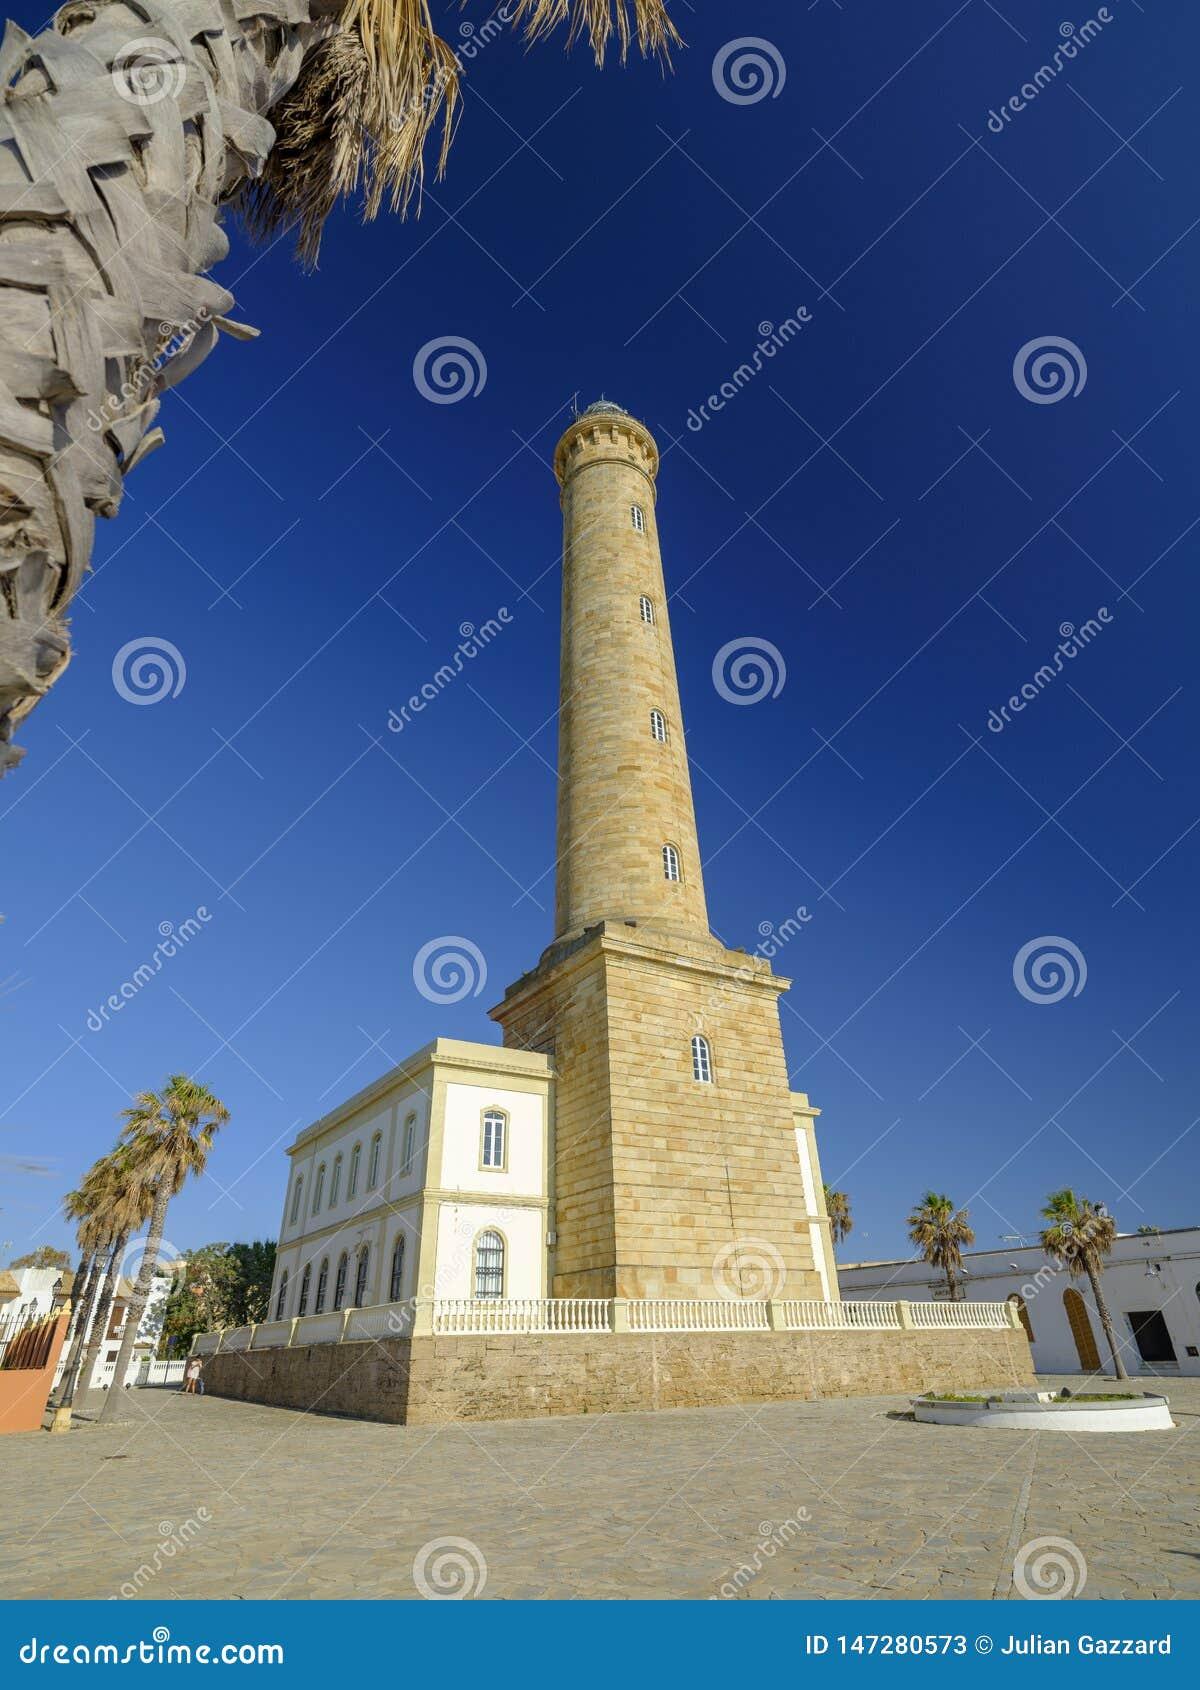 法鲁de奇皮奥纳,lightouse在奇皮奥纳,卡迪士,安达卢西亚,西班牙